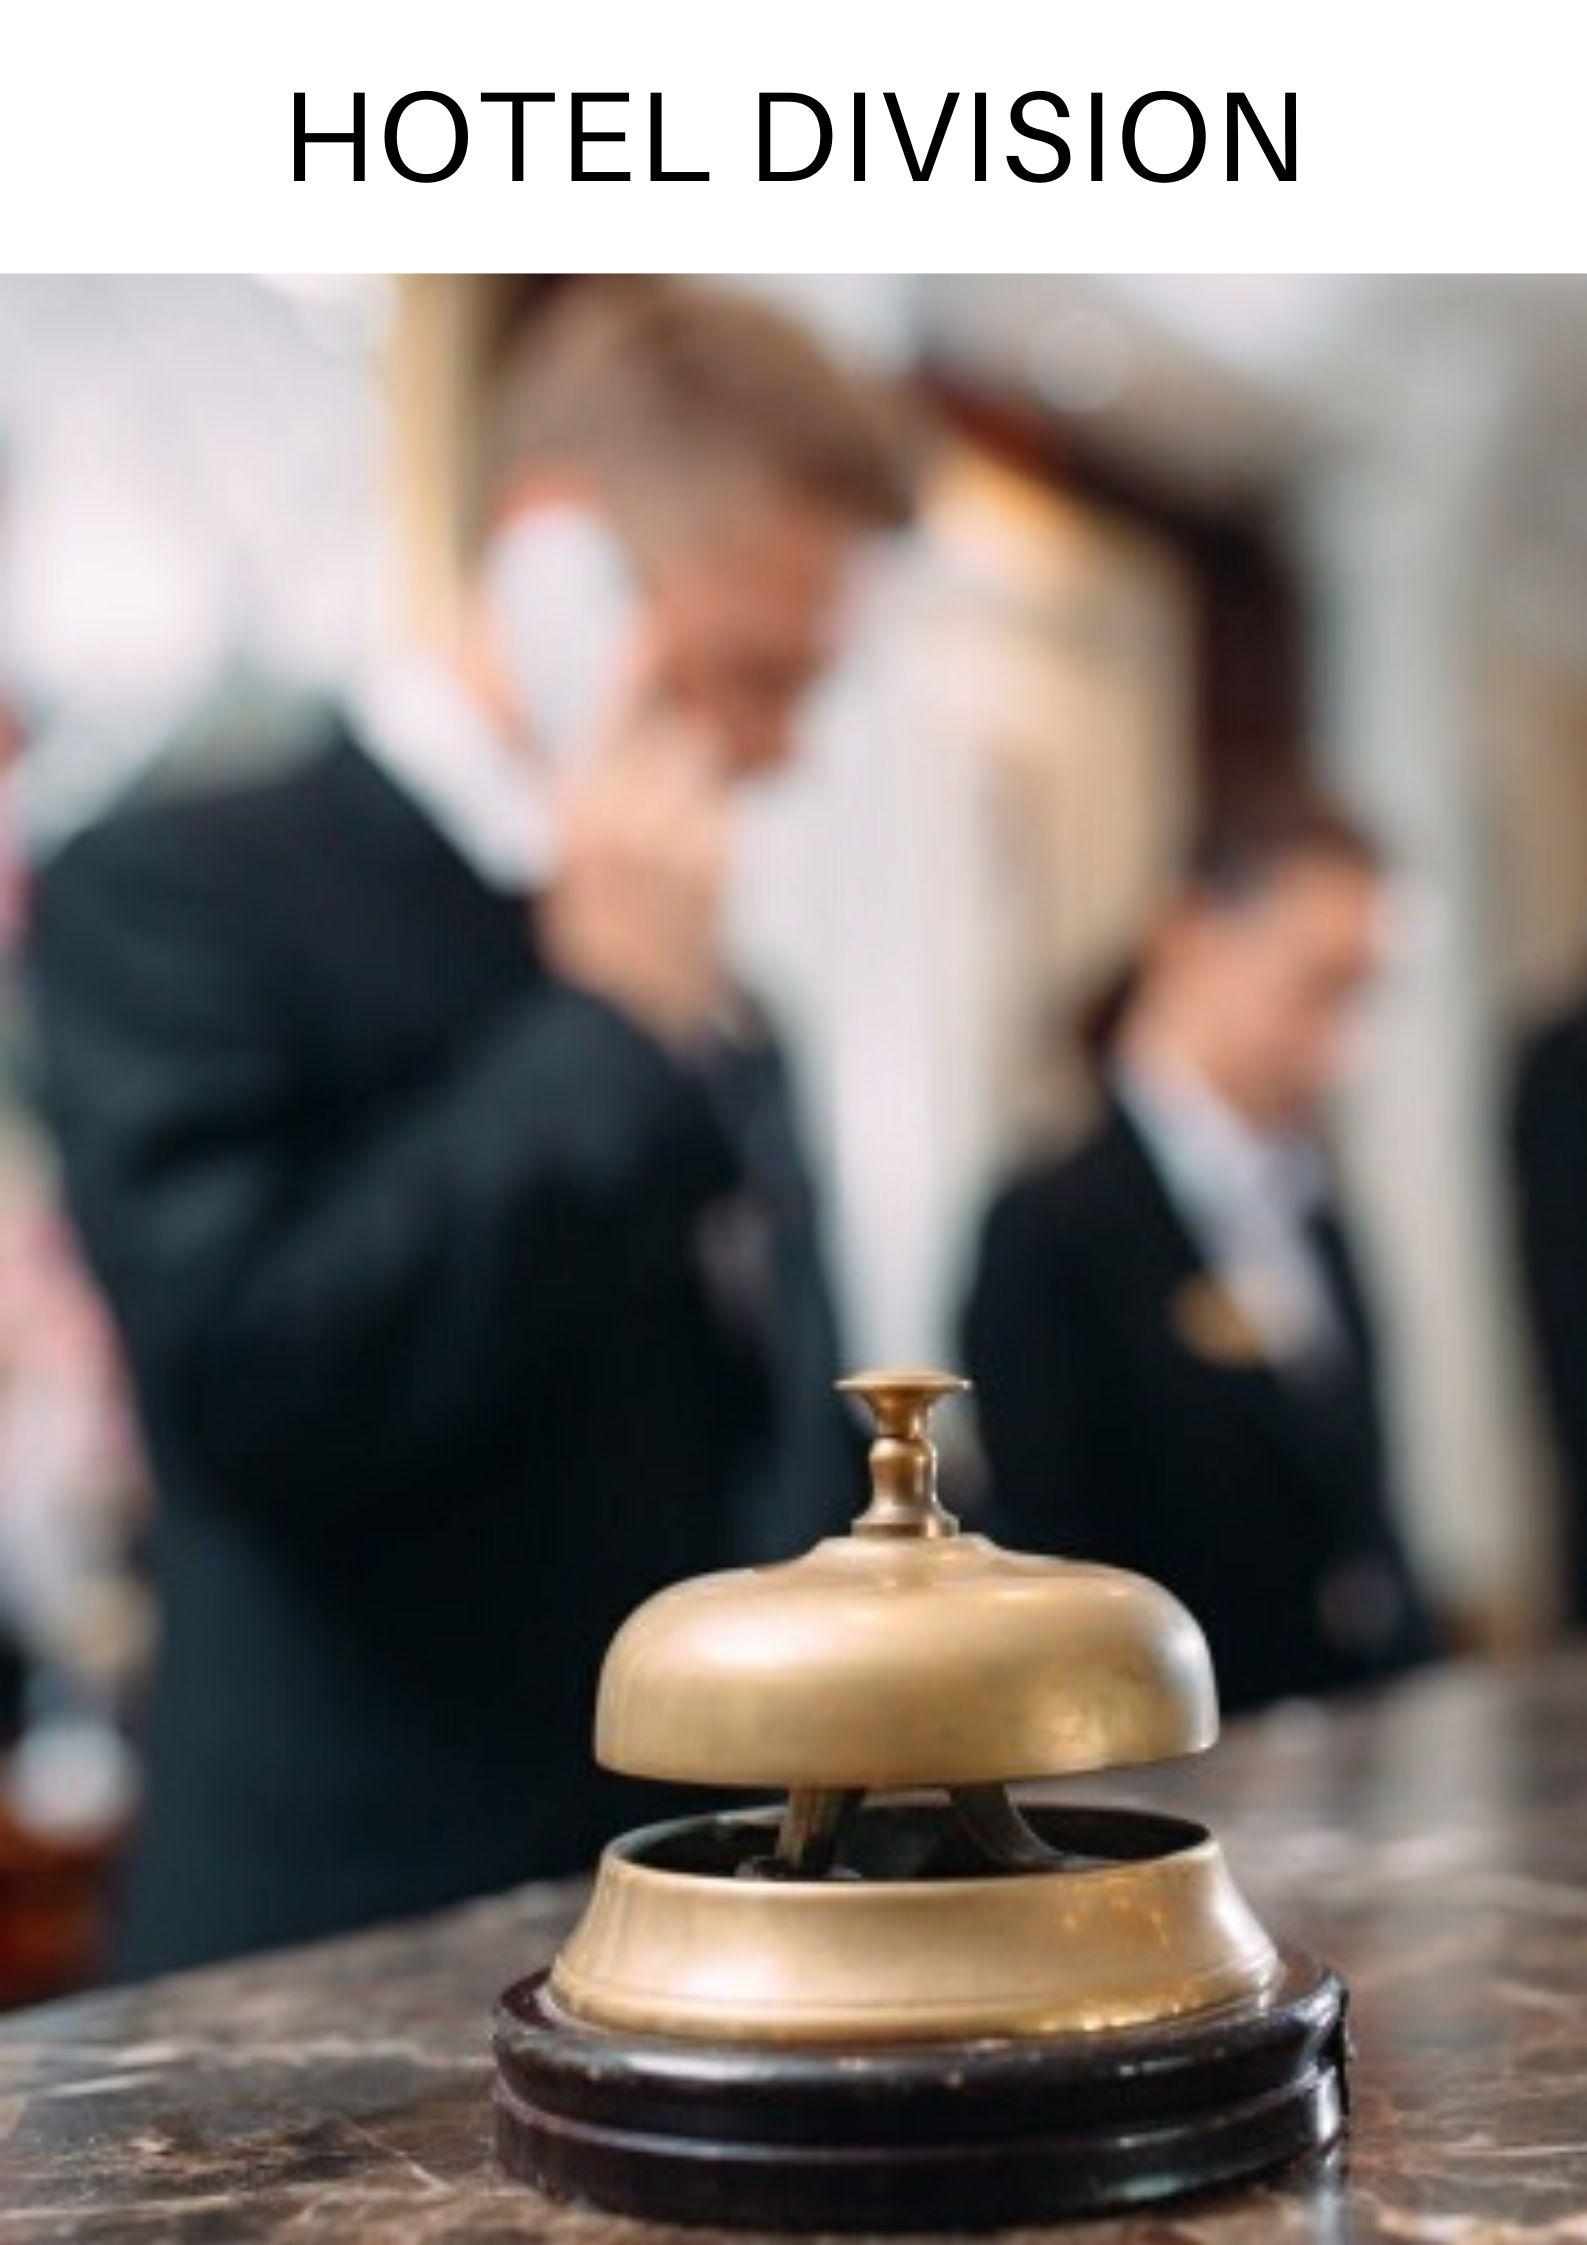 Hotel Division